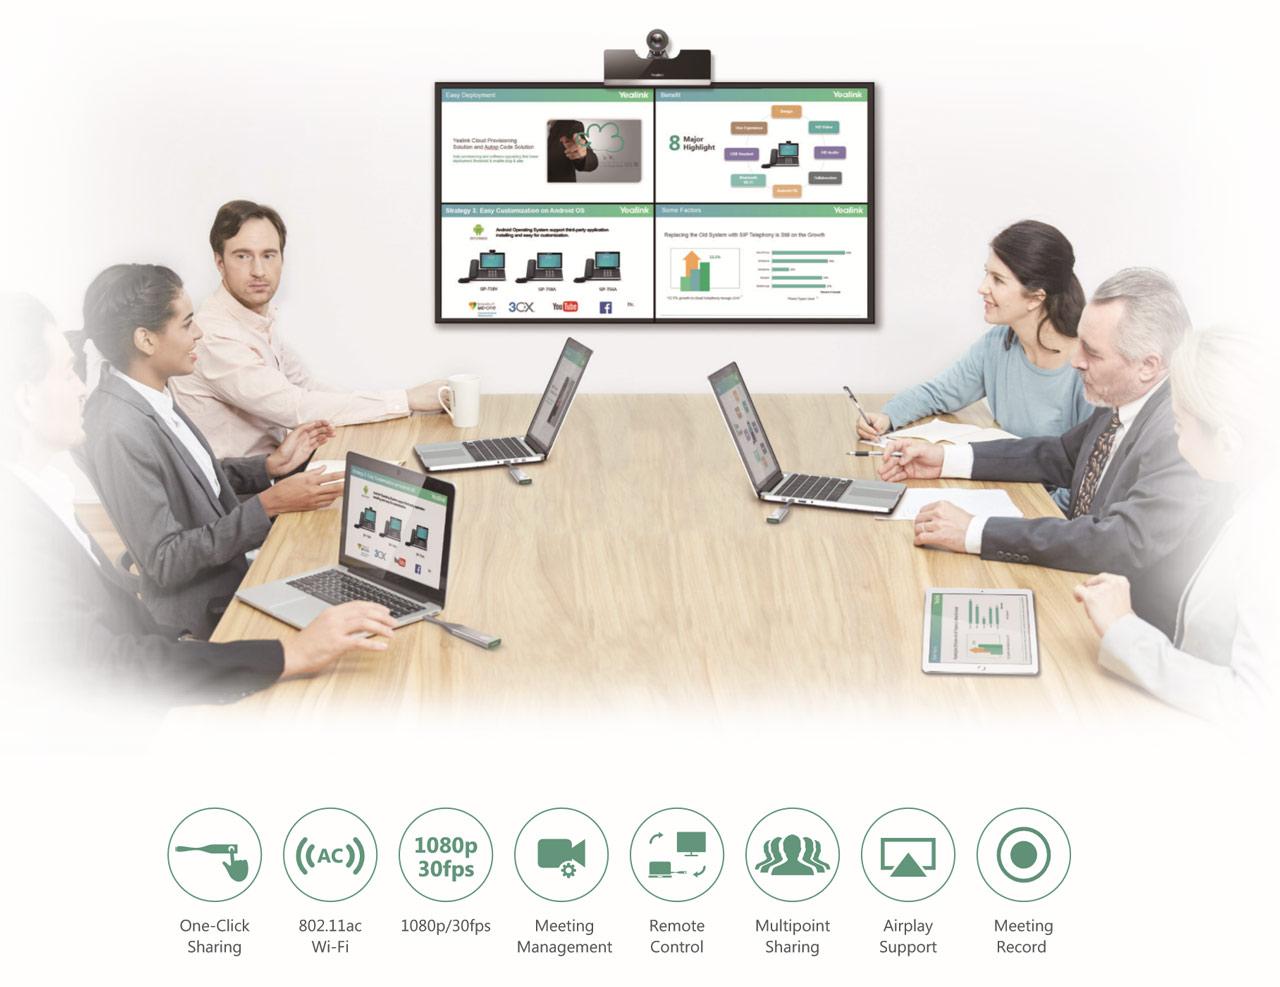 سیستم ویدئو کنفرانس VC200